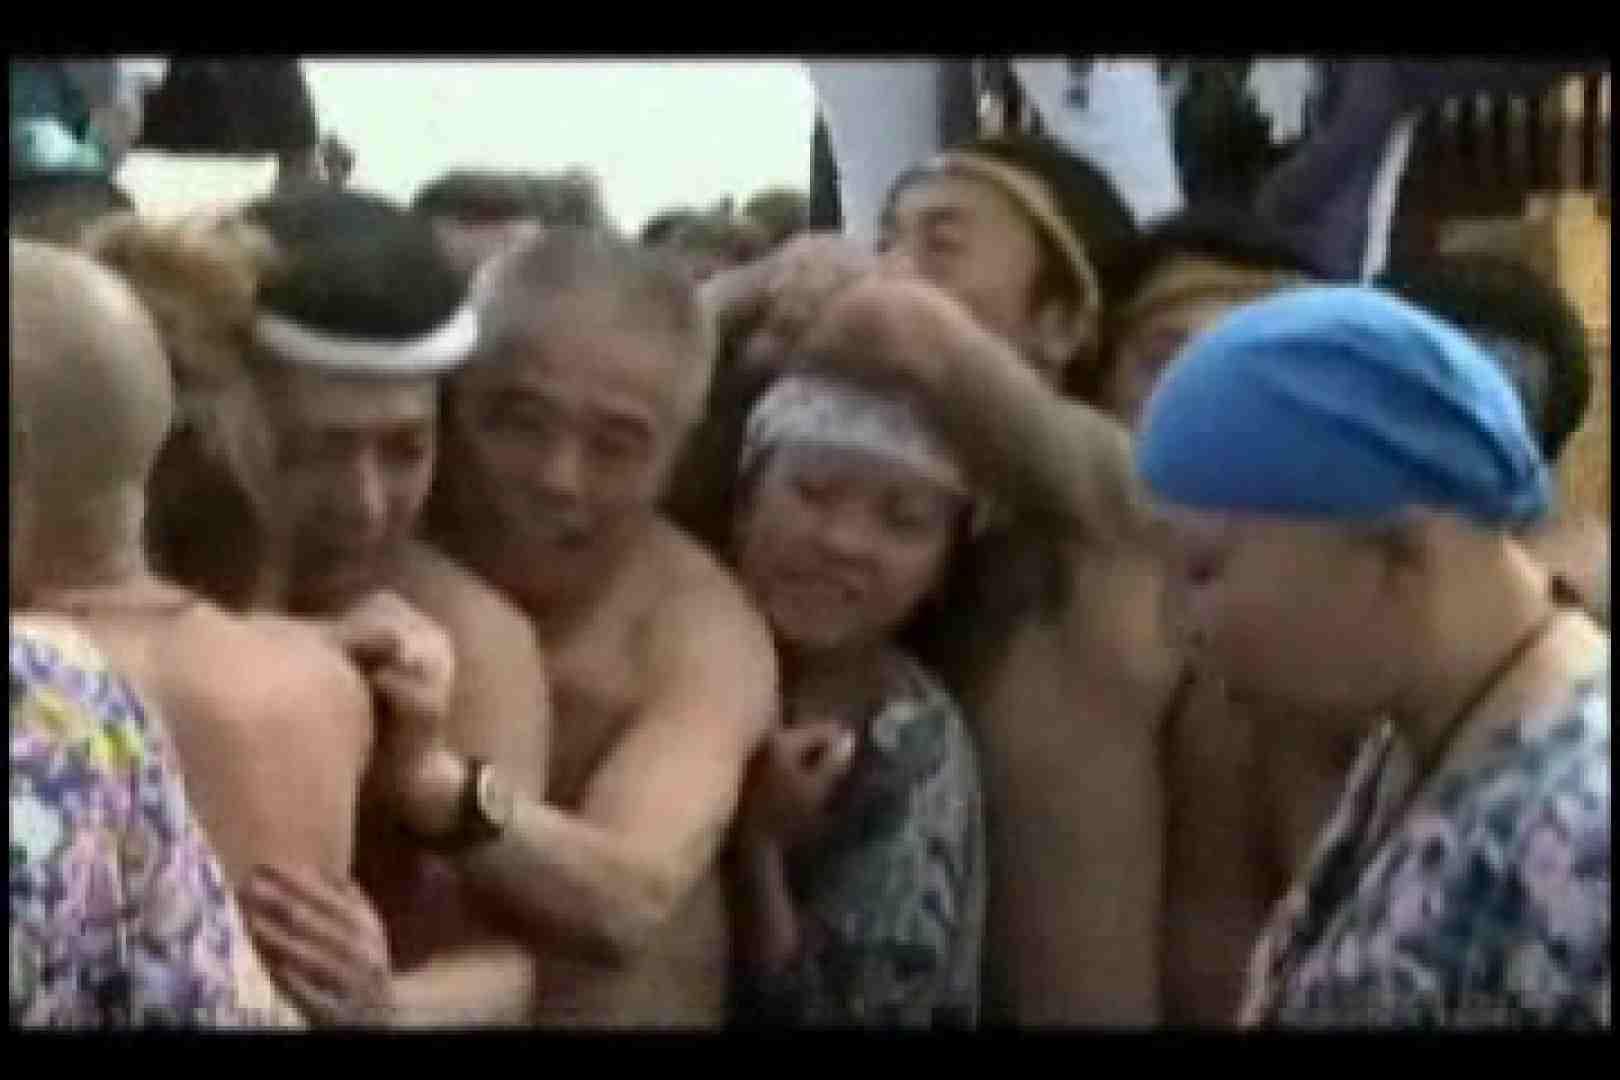 陰間茶屋 男児祭り VOL.2 ペニス ゲイAV画像 82画像 23